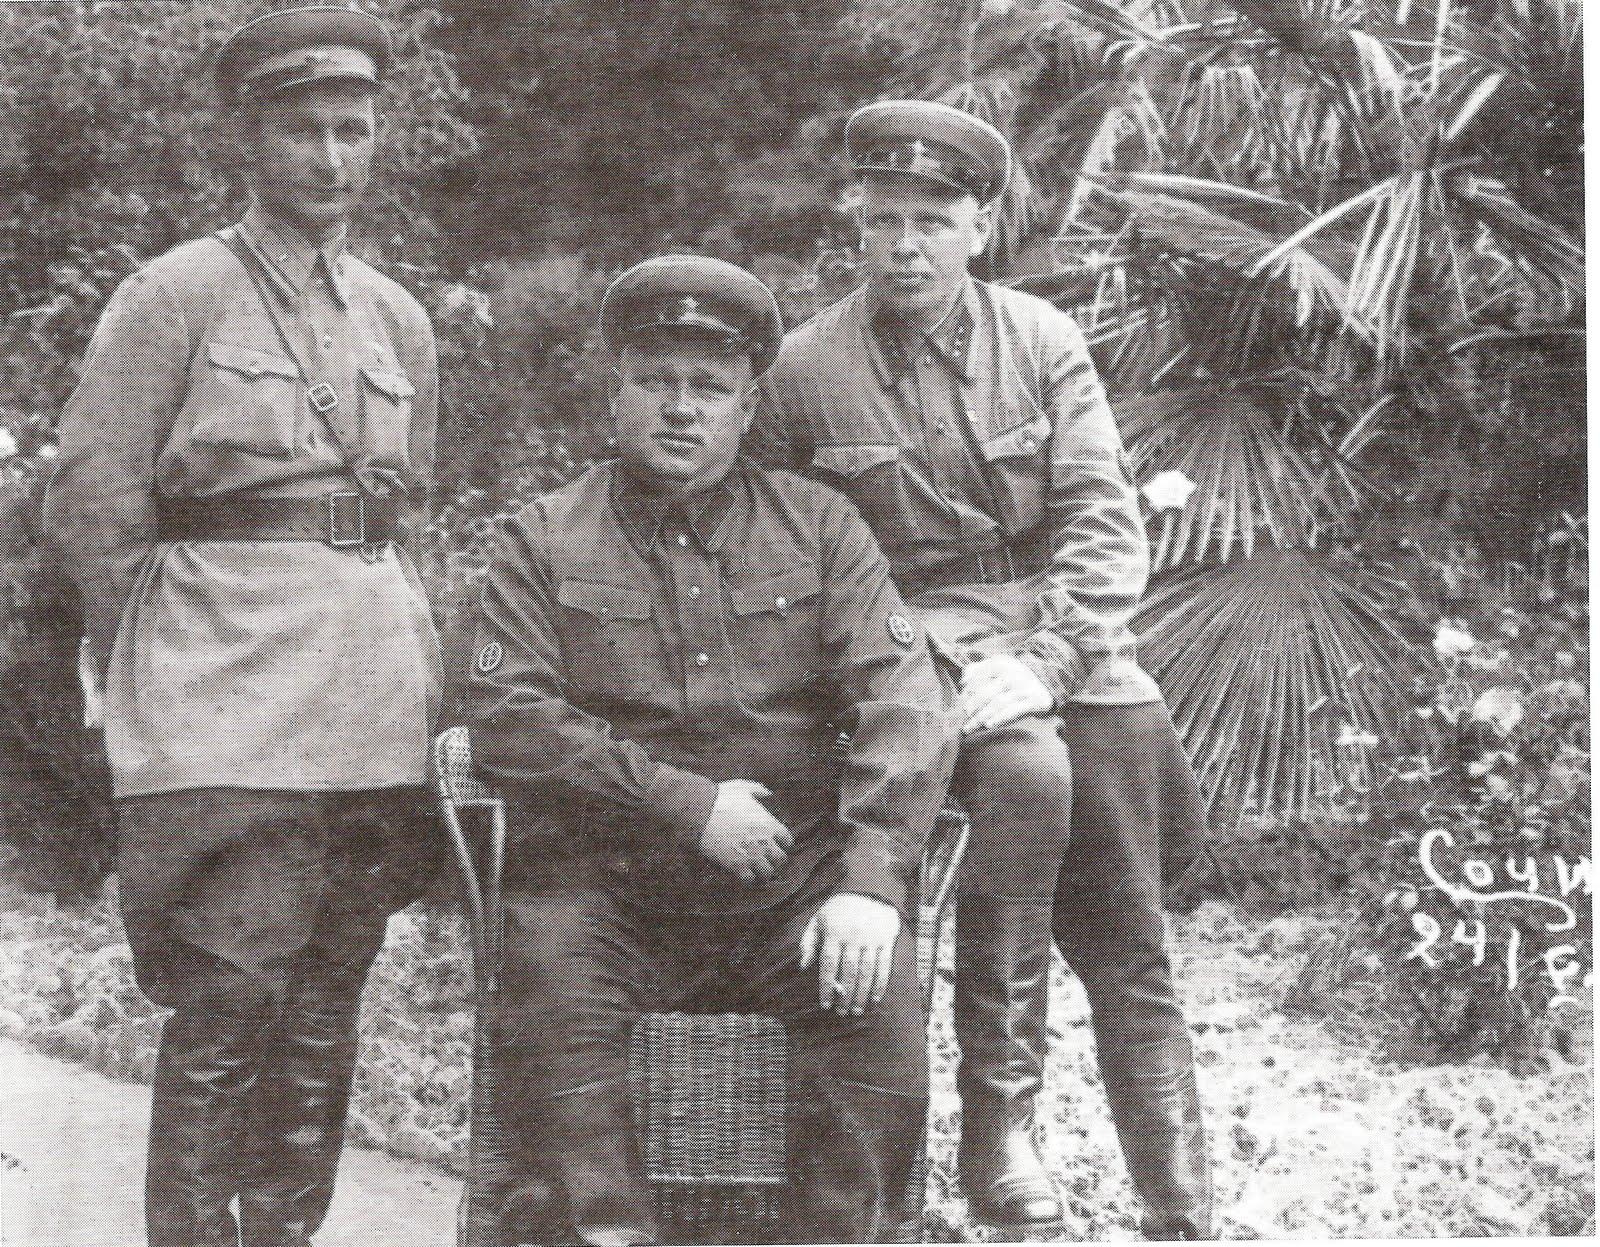 Három NKVD-népbiztos /Fotó: Collectingsoviethistory.com